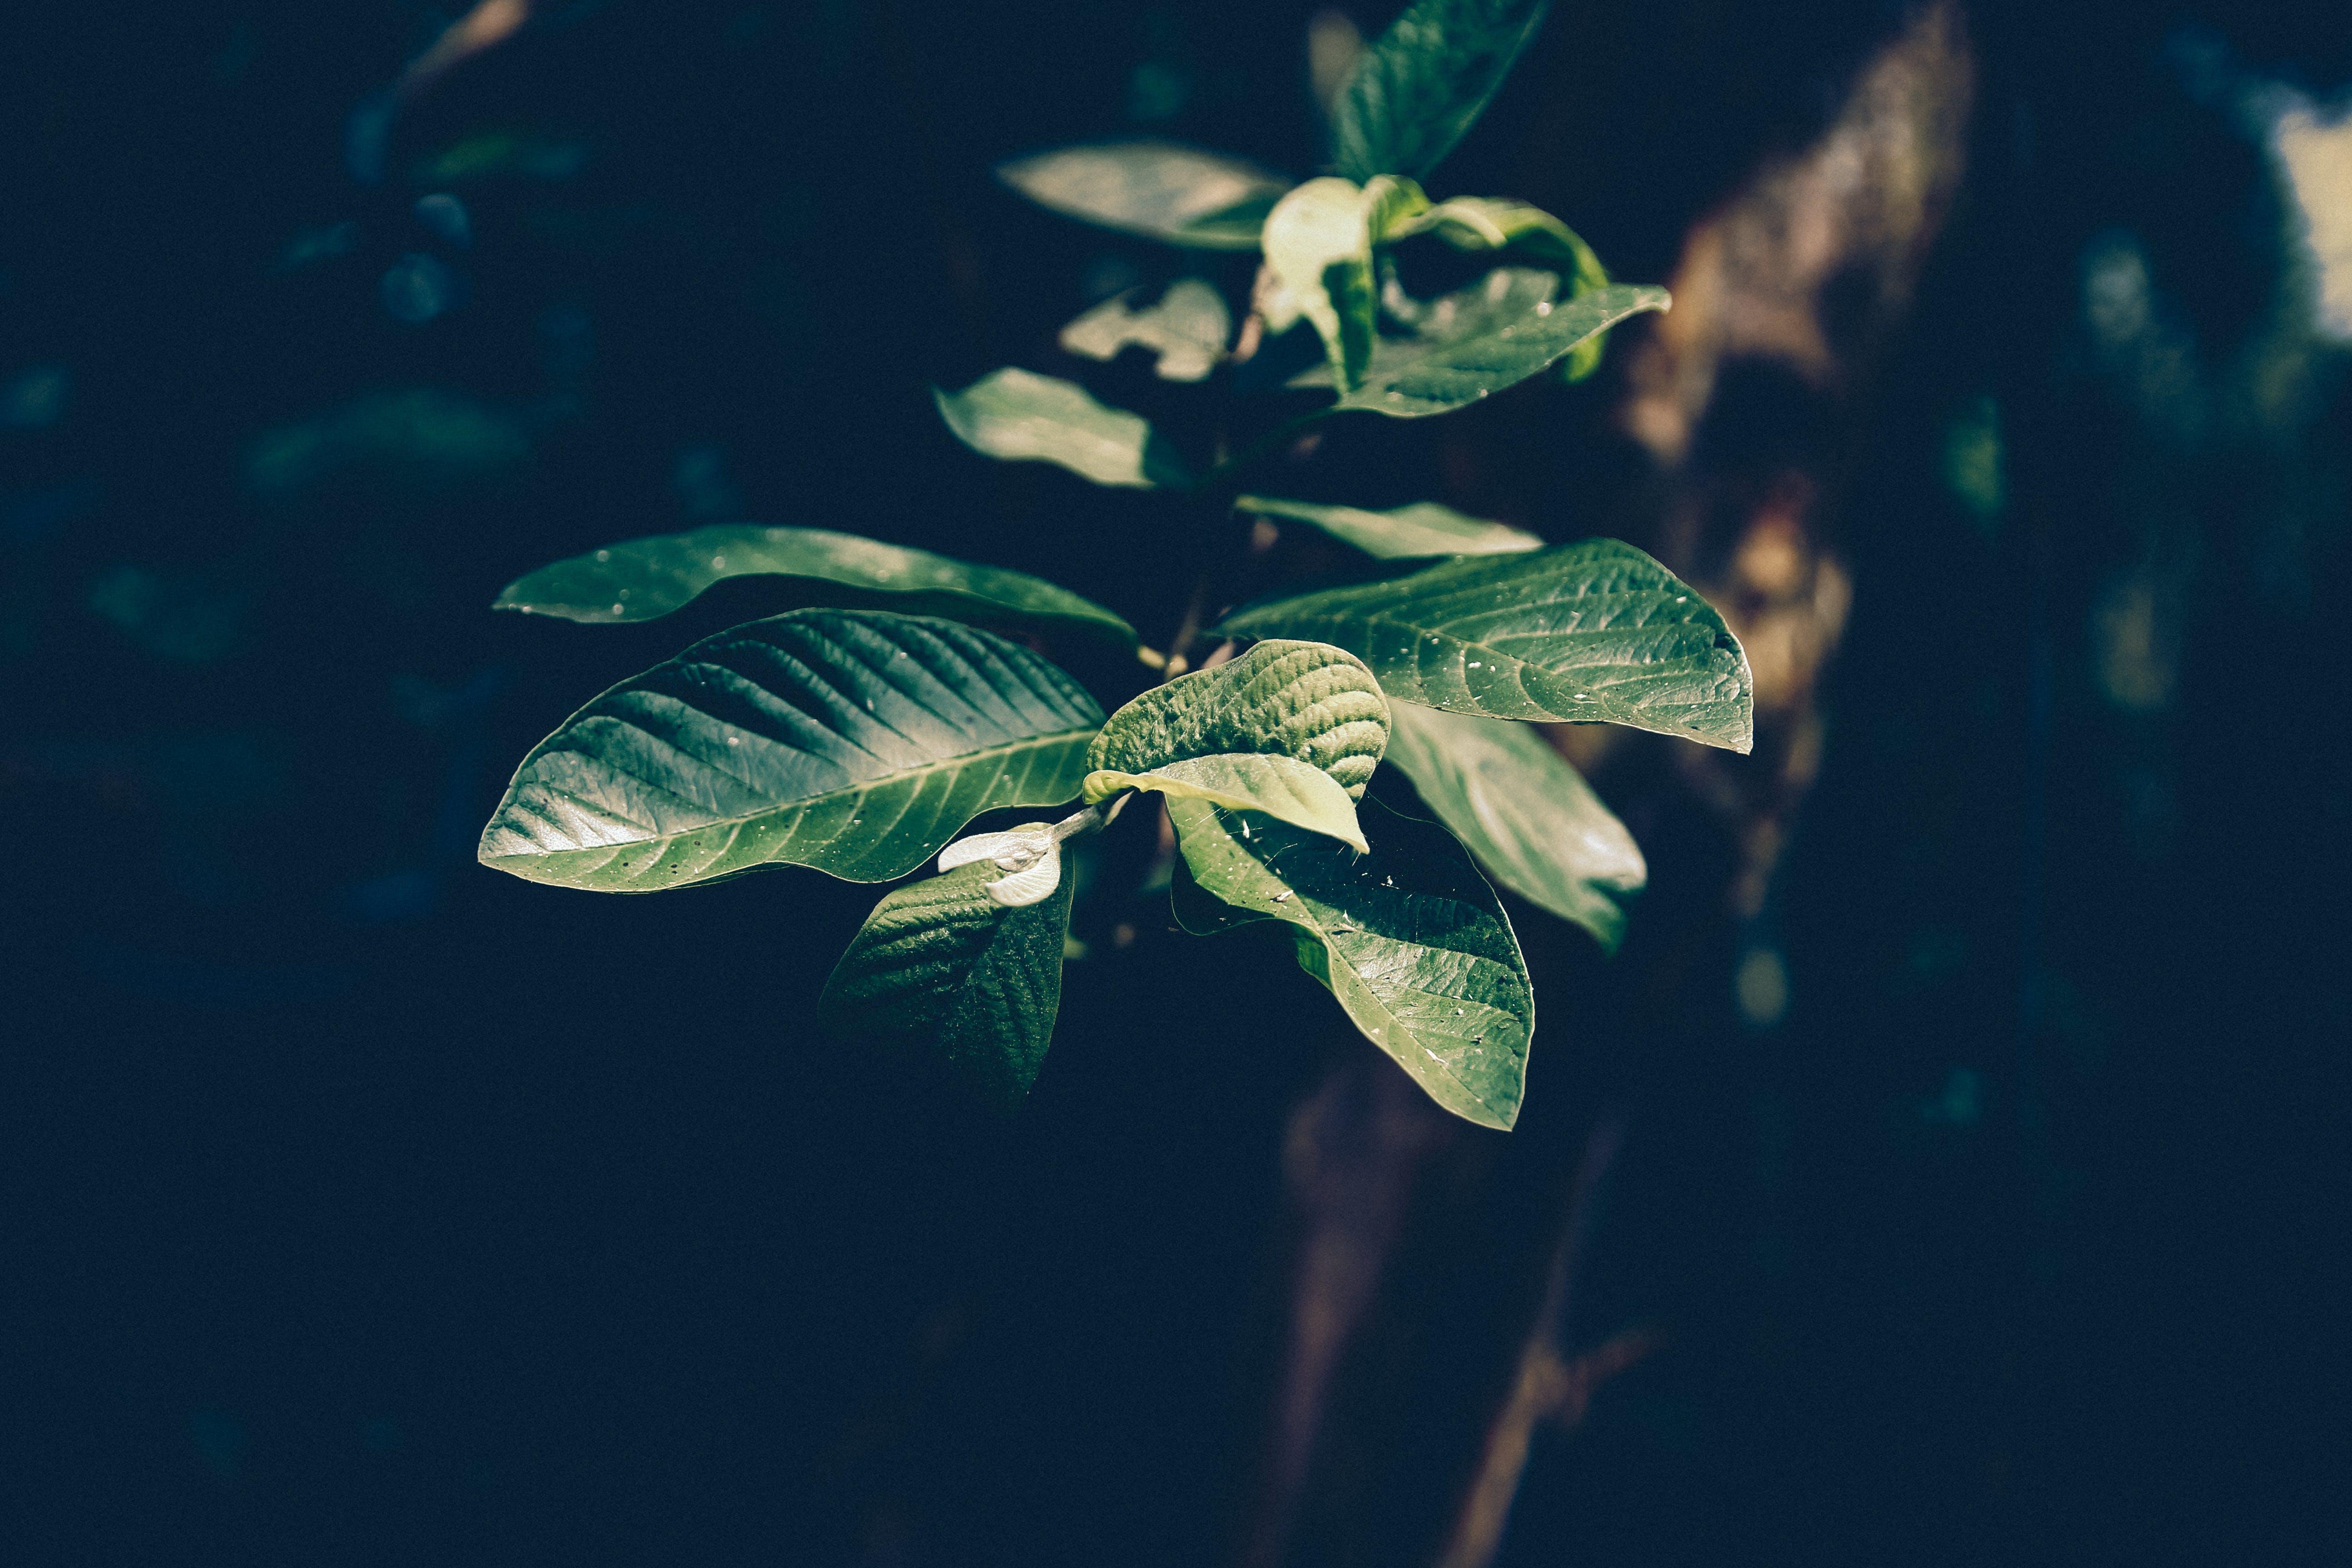 가지, 녹색, 색깔, 식물군의 무료 스톡 사진